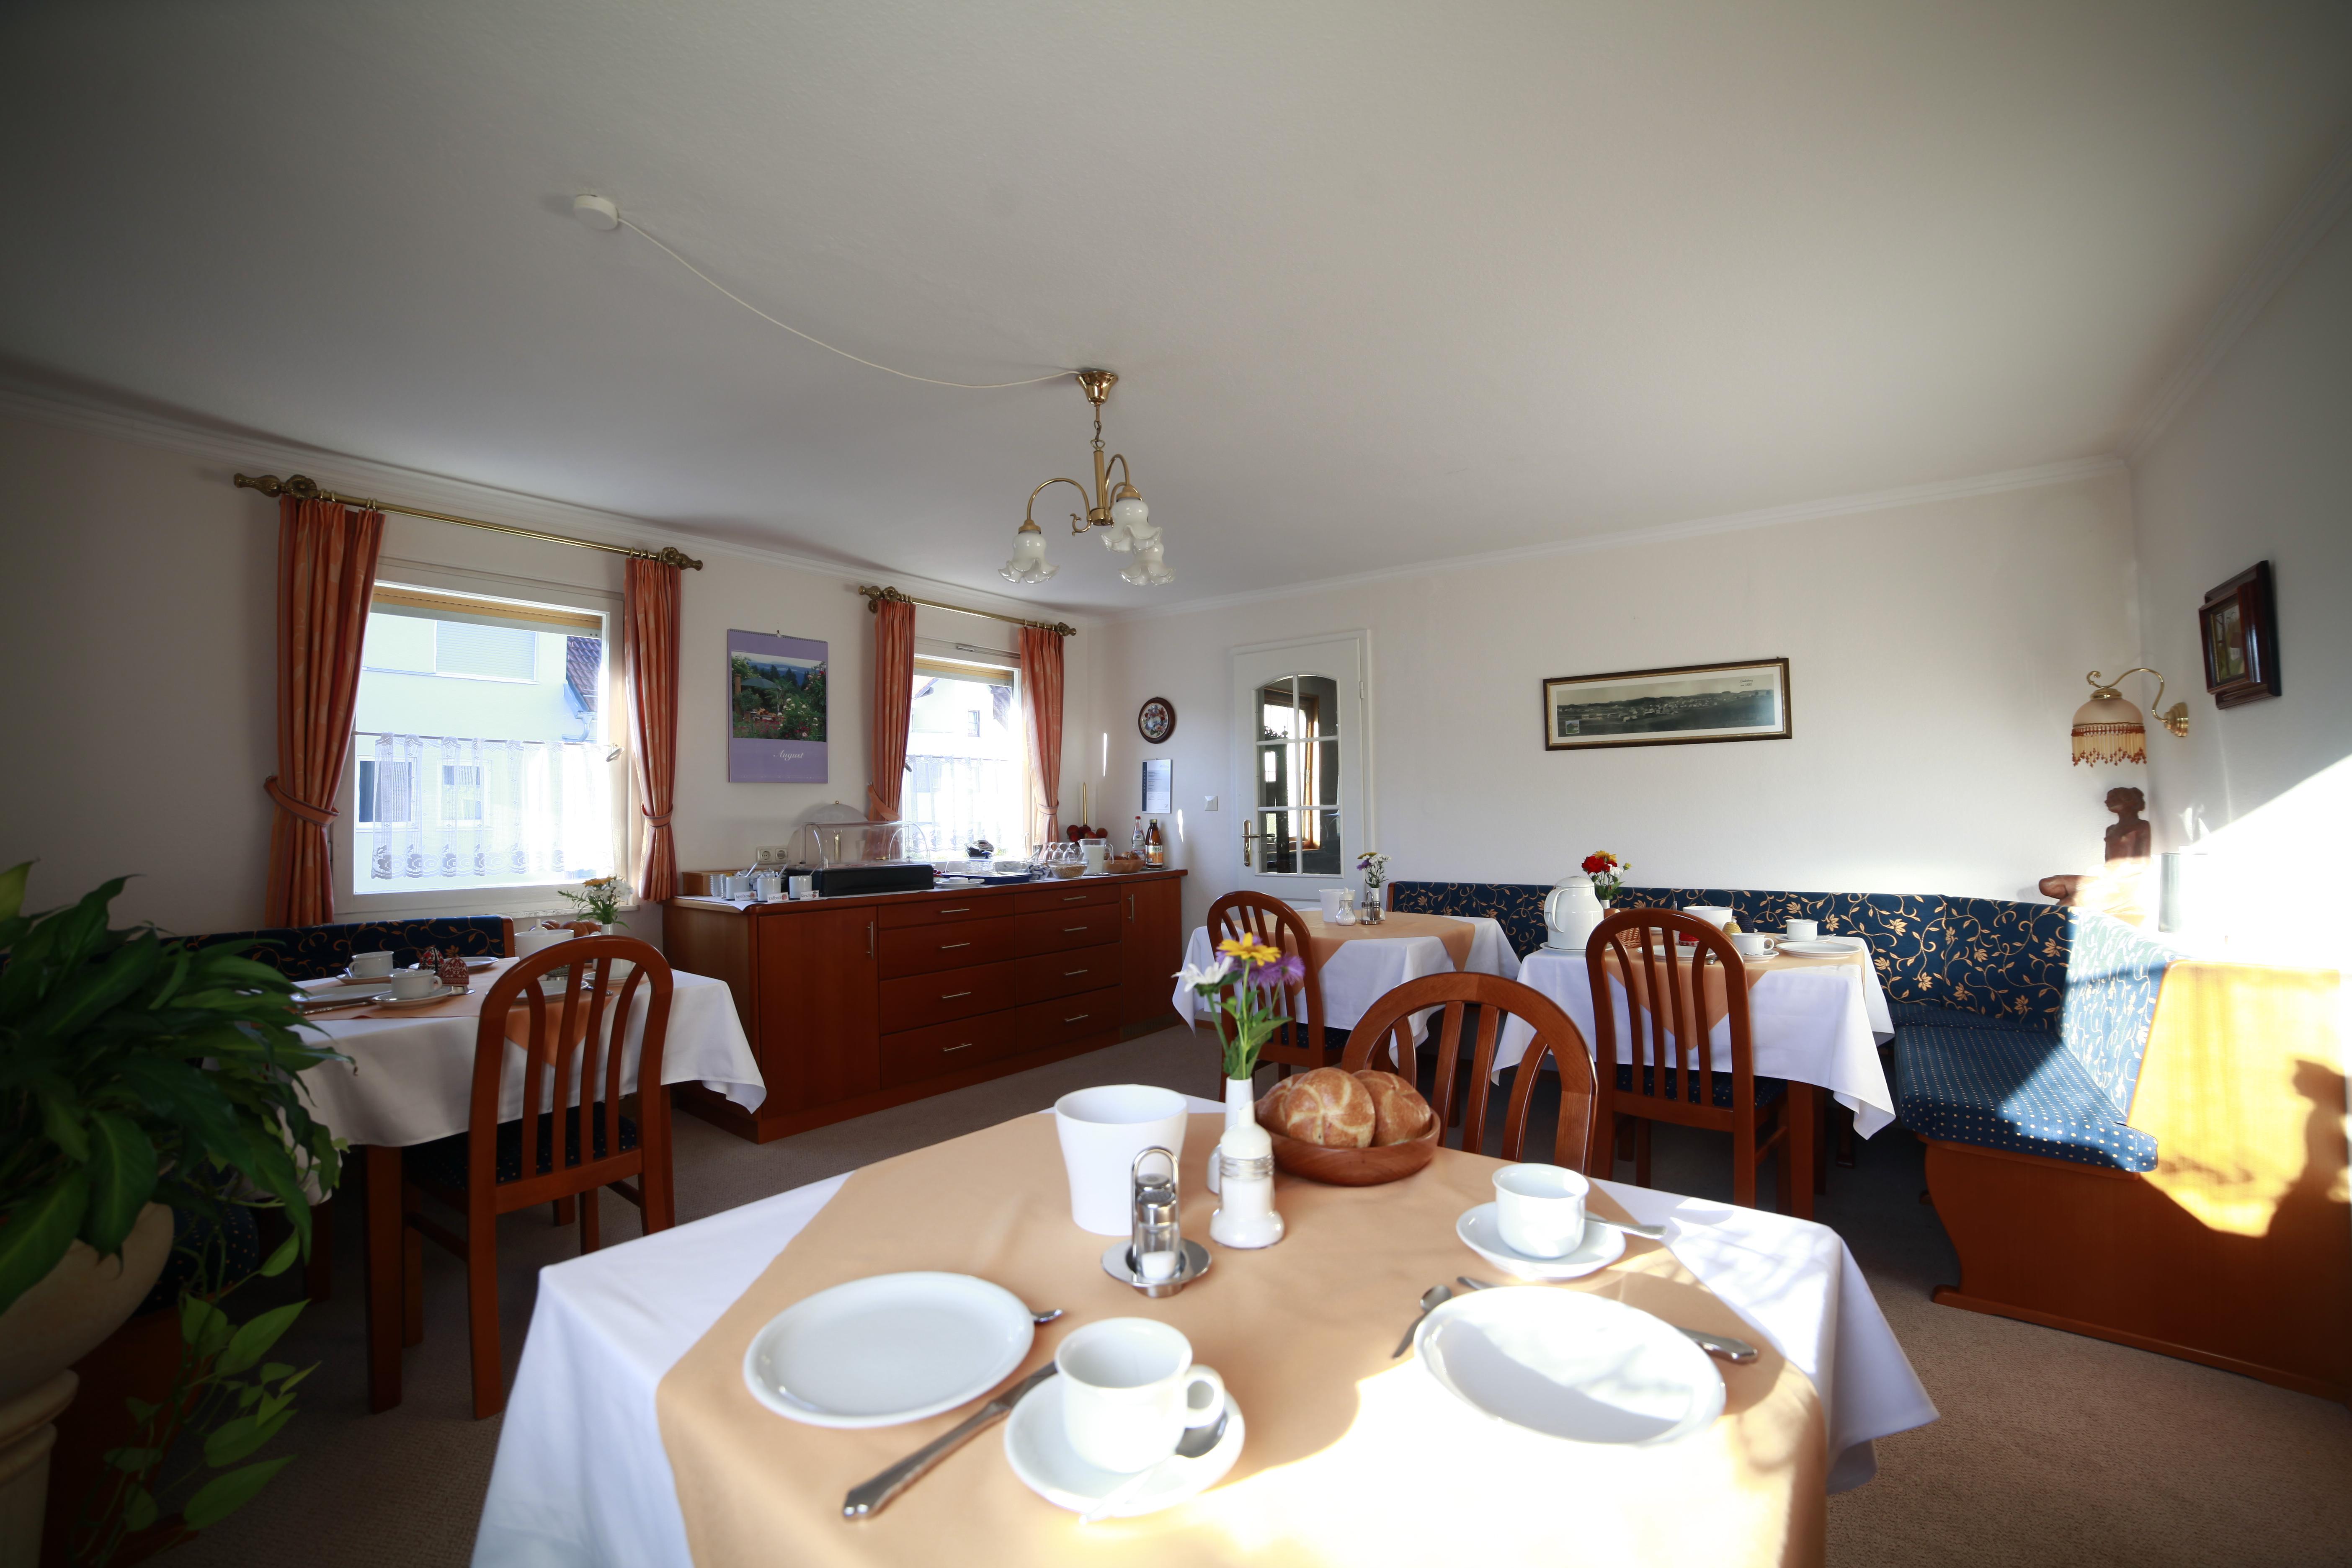 Gästehaus Wiedemann, Frühstücks- und Aufenthaltsraum